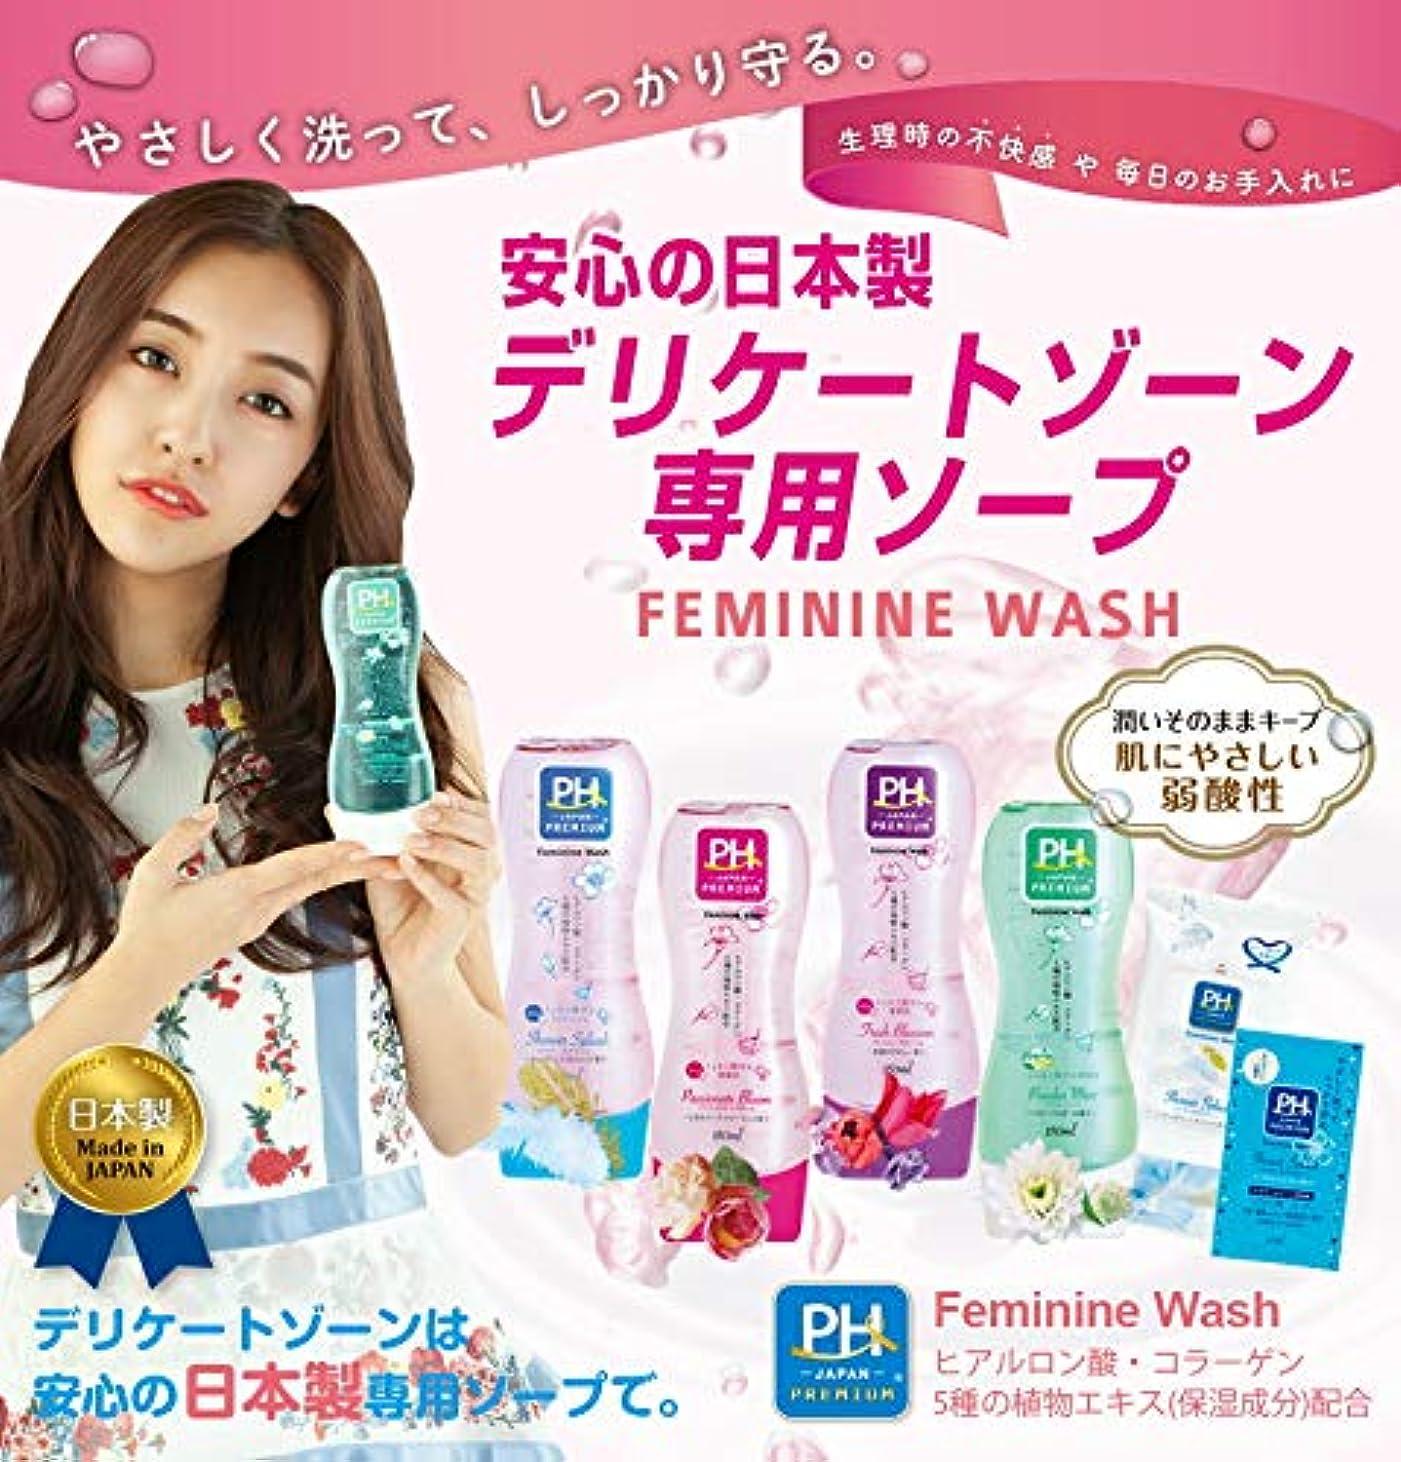 オーバーヘッドあらゆる種類のおめでとうパウダーミント3本セット PH JAPAN フェミニンウォッシュ ベビーパウダーの香り